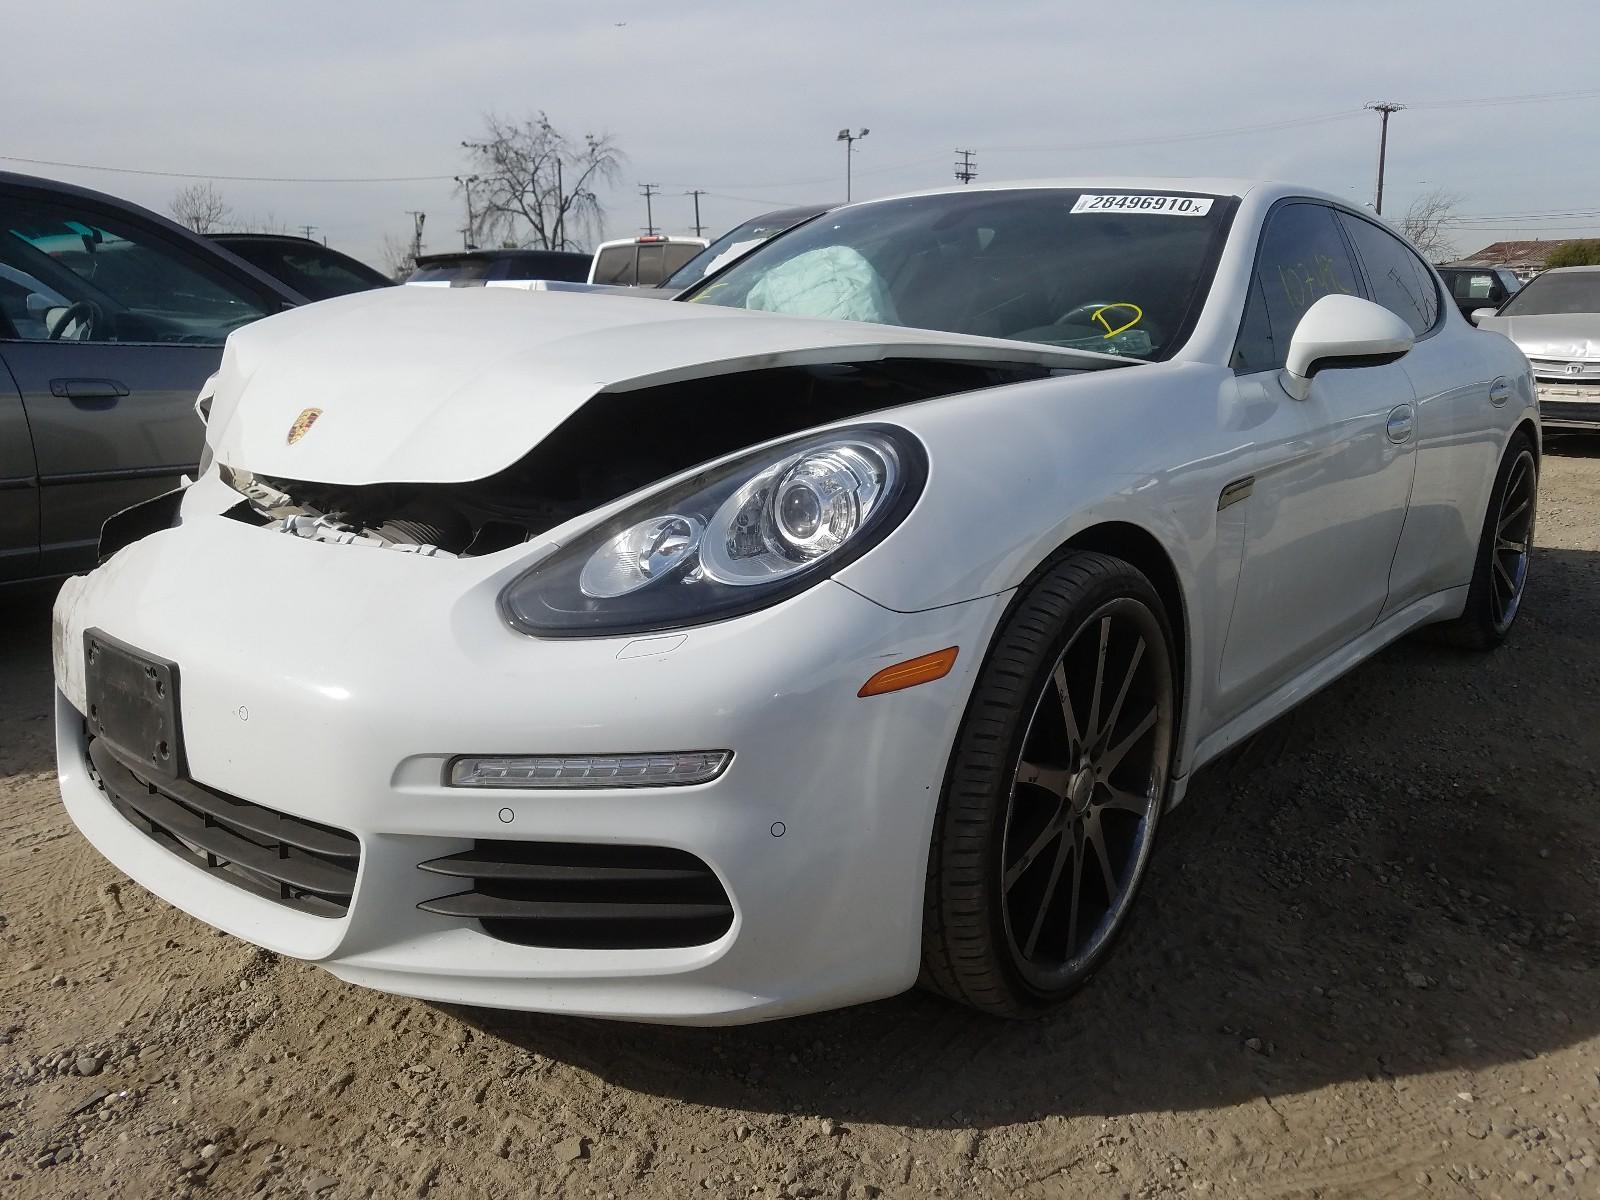 WP0AA2A79EL007804 - 2014 Porsche Panamera 2 3.6L Right View